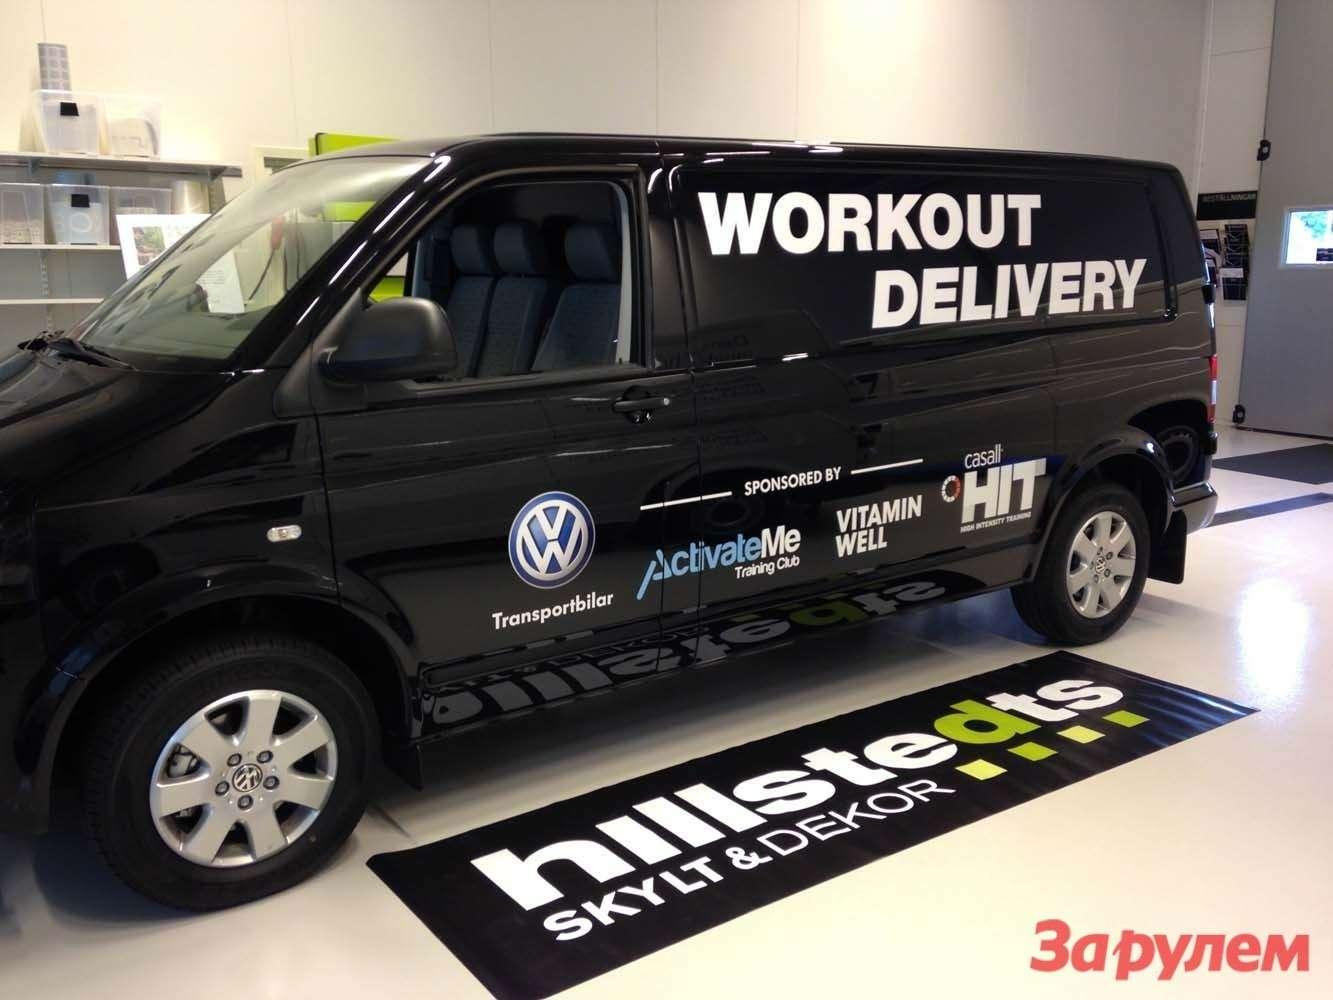 Volkswagen Transporter Workout Delivery